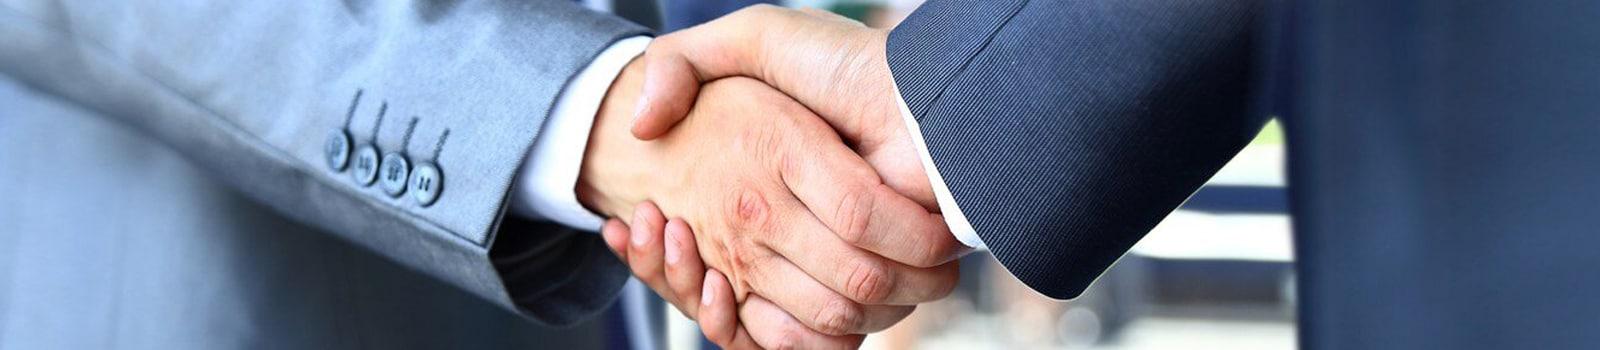 Shareholder Account